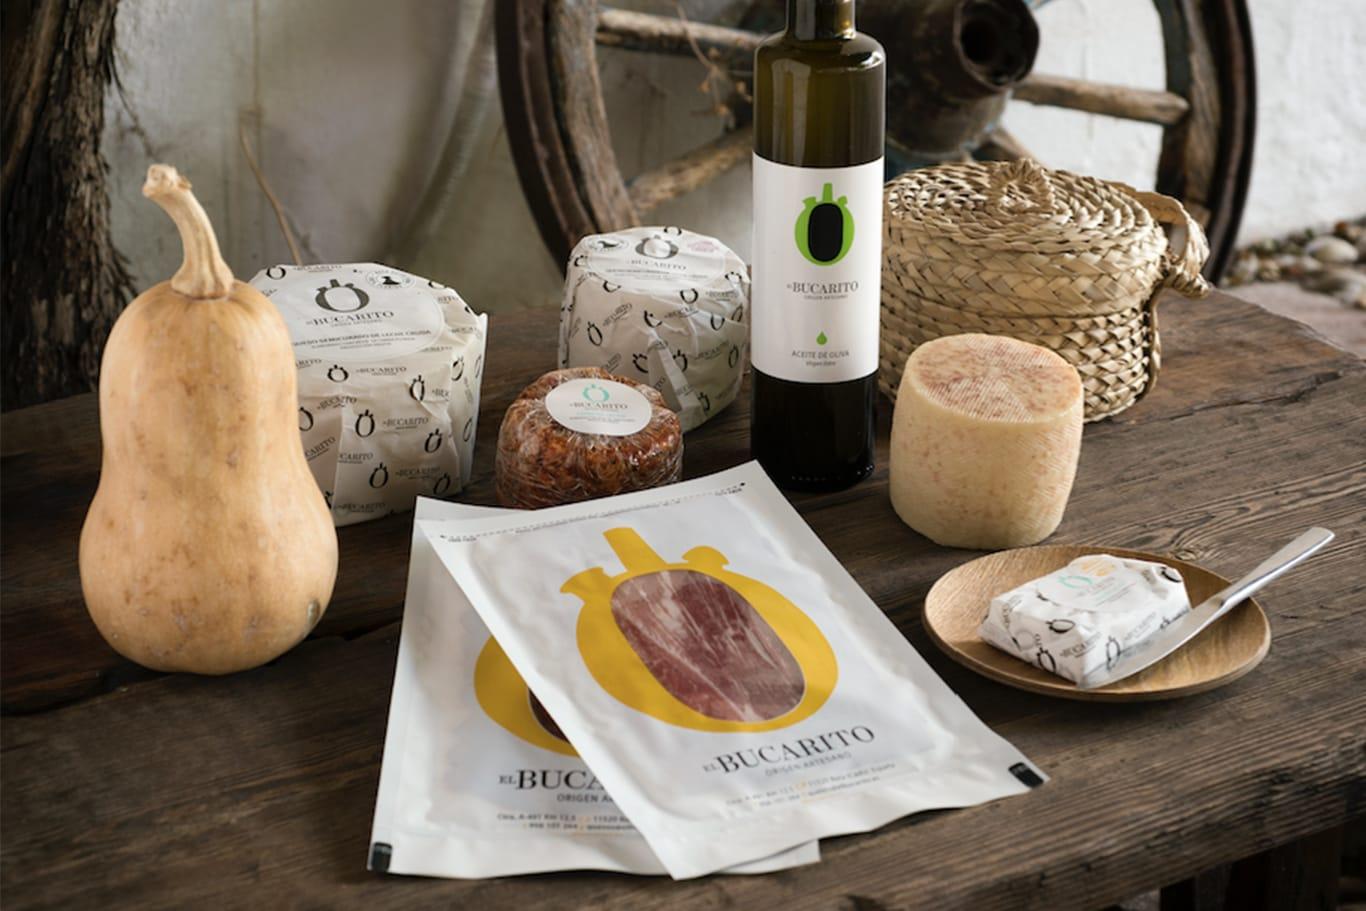 Proyecto de branding y Packaging para la Quesería el Bucarito